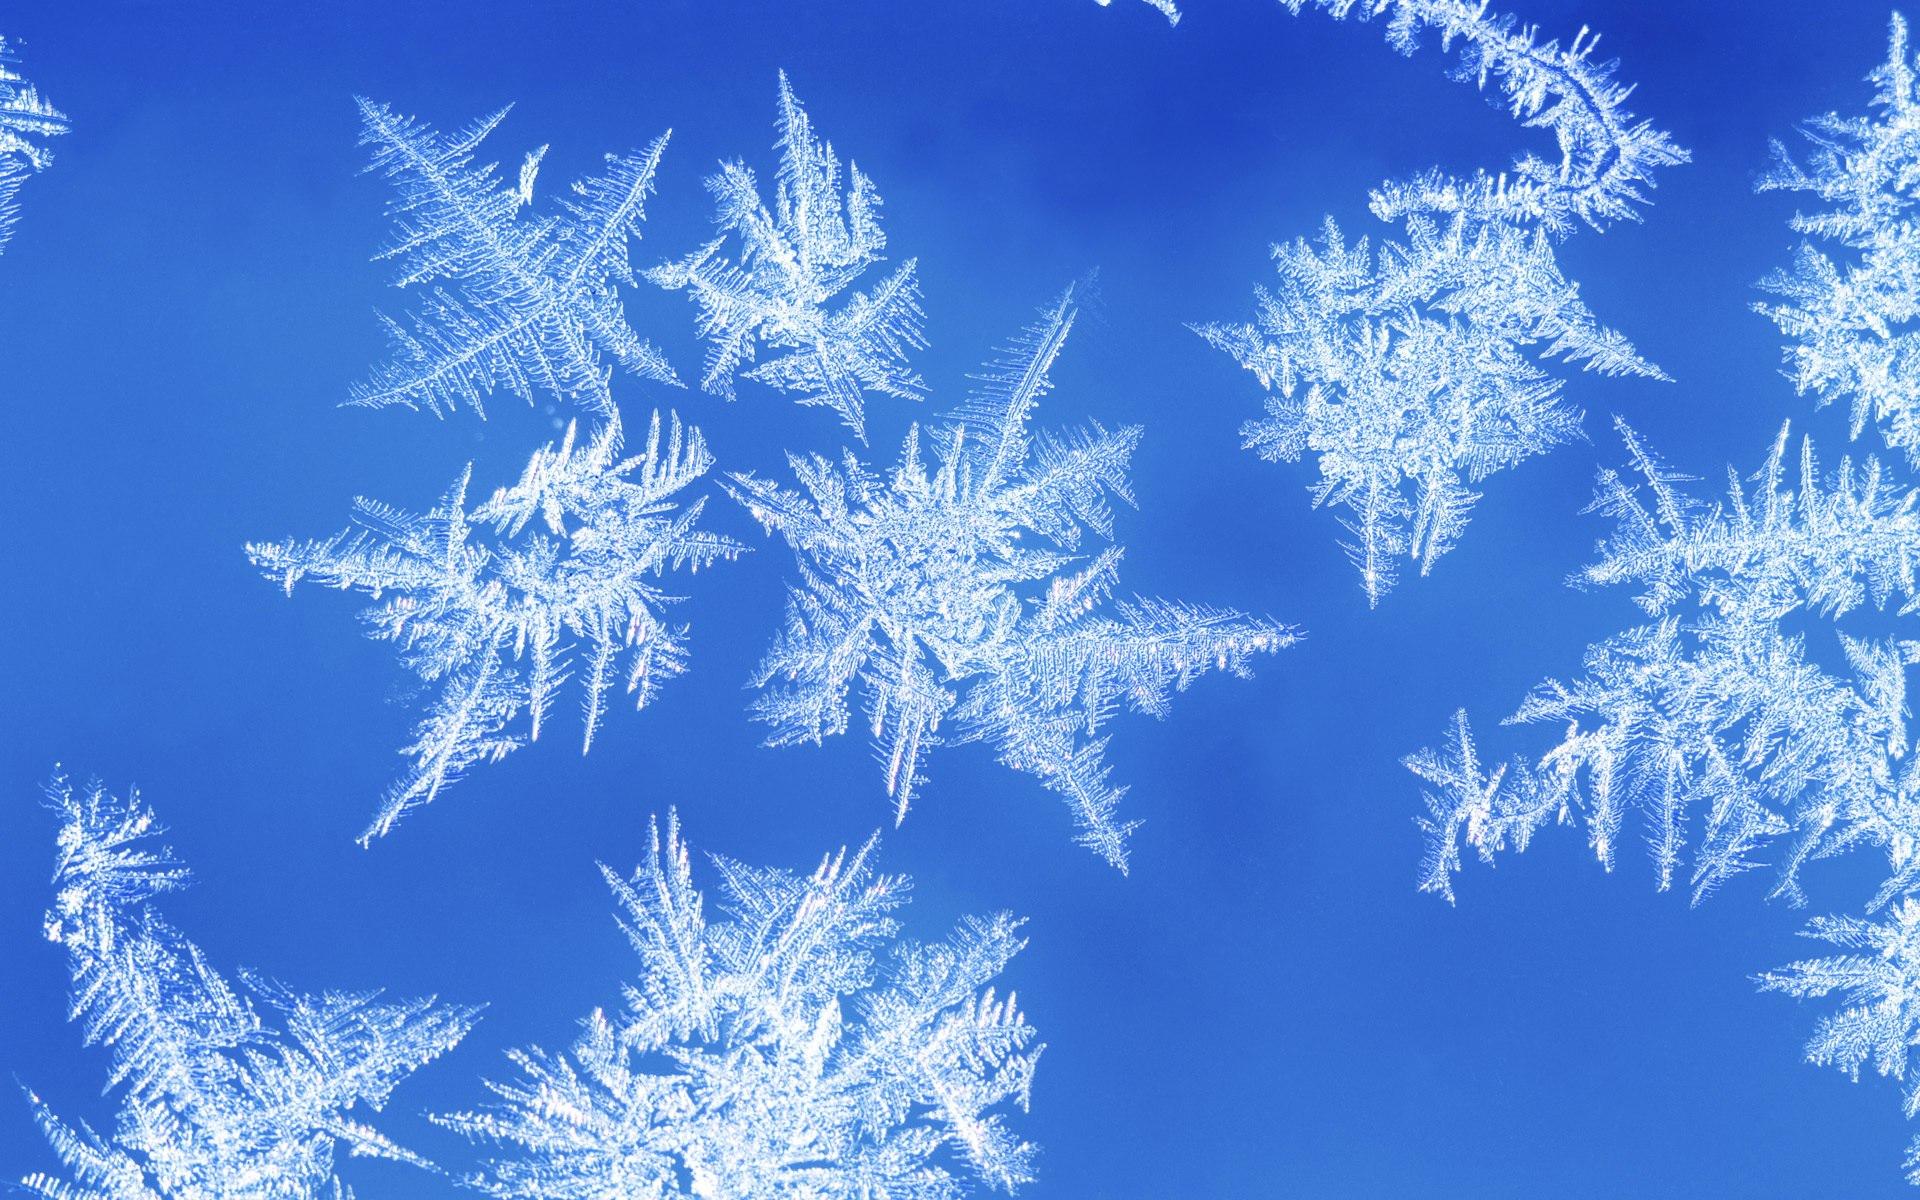 … для того, чтоб понять по-настоящему, что есть та или иная страна или то или иное место, туда надо ехать зимой, конечно.